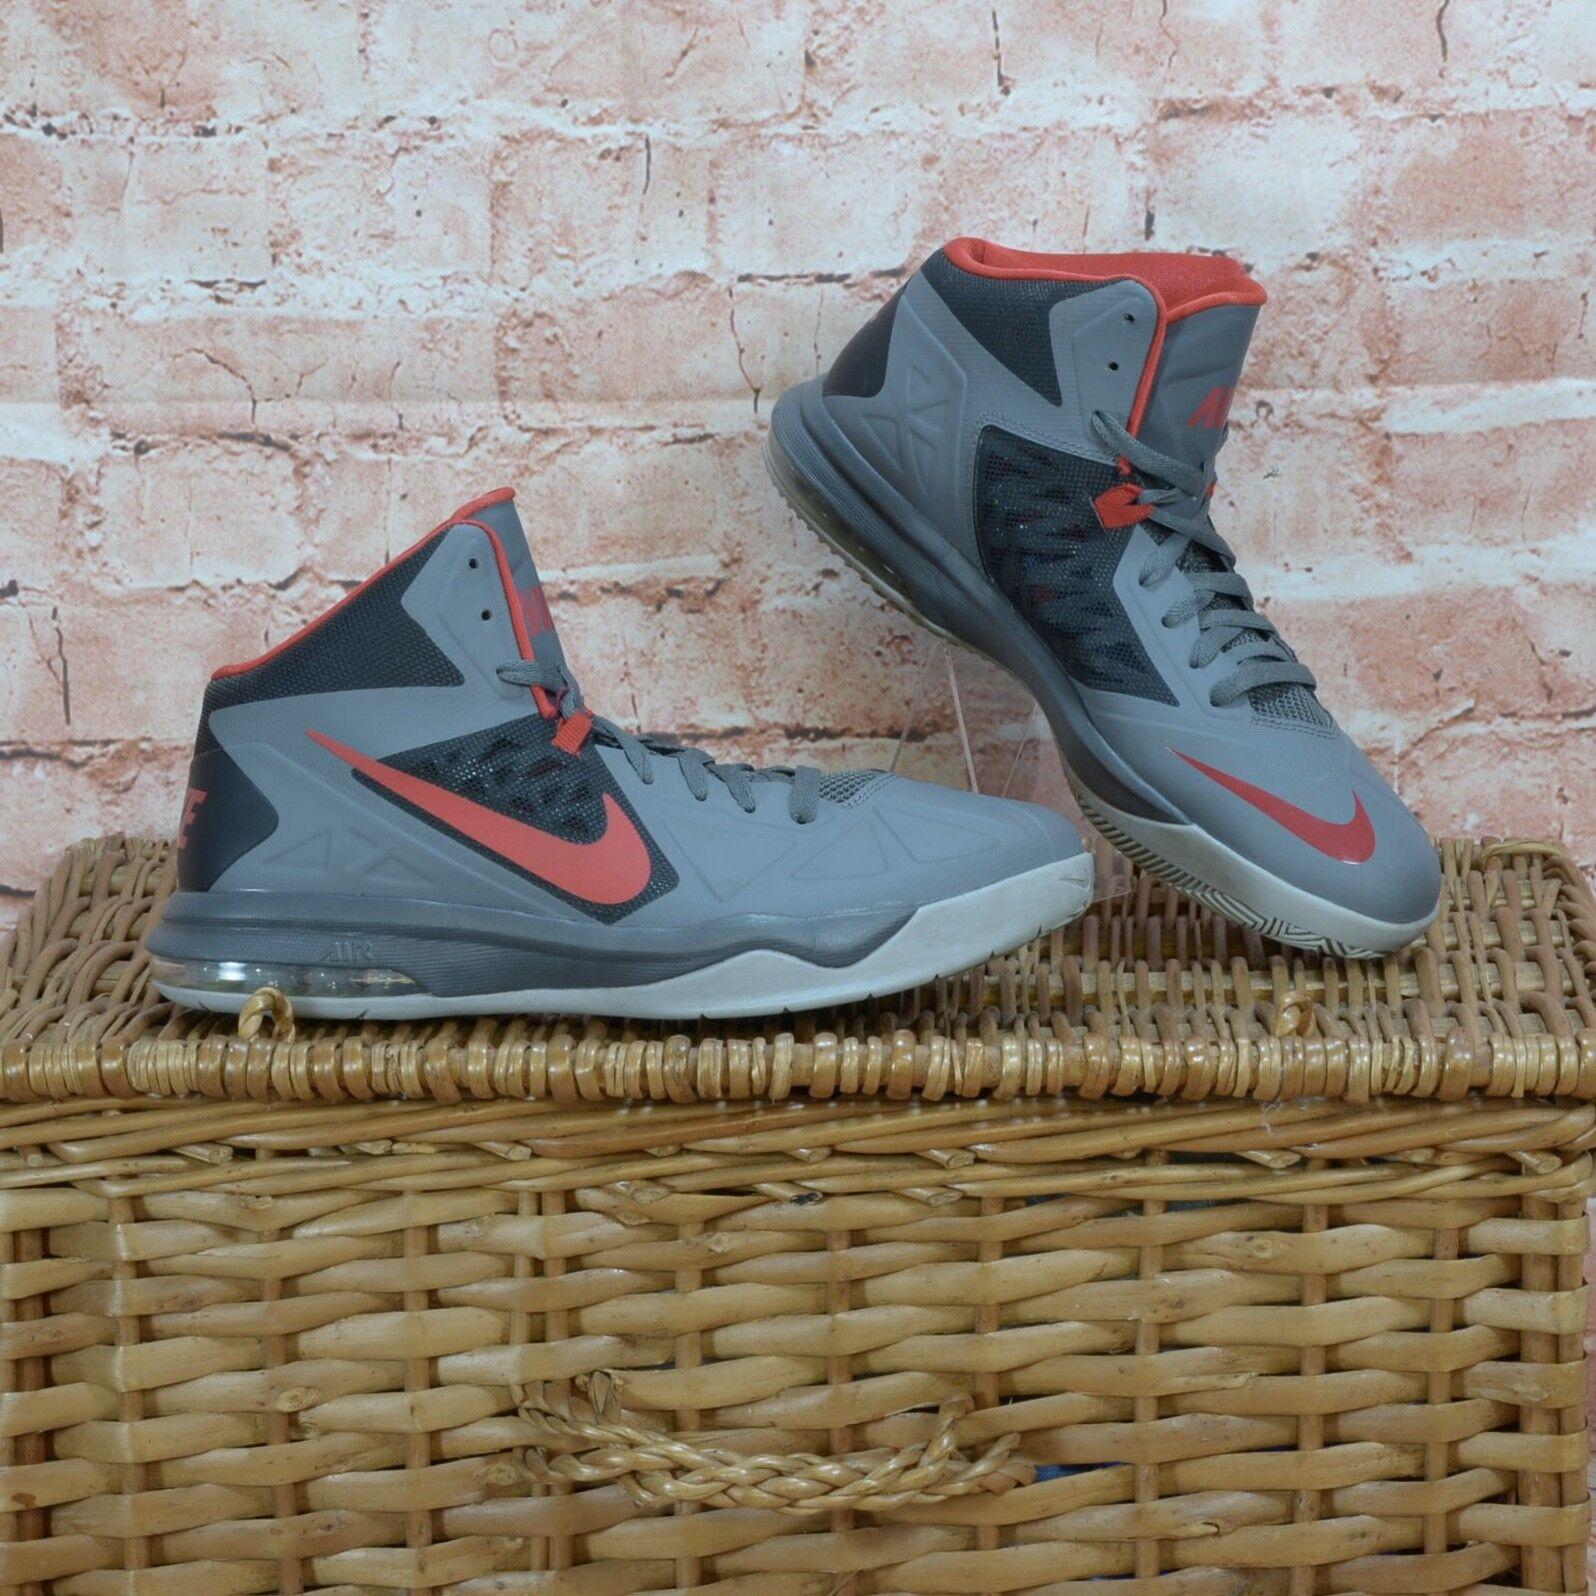 Nike Air Max Body U Mens Basketball shoes Grey Red UK 10 - EUR 45  599350-006